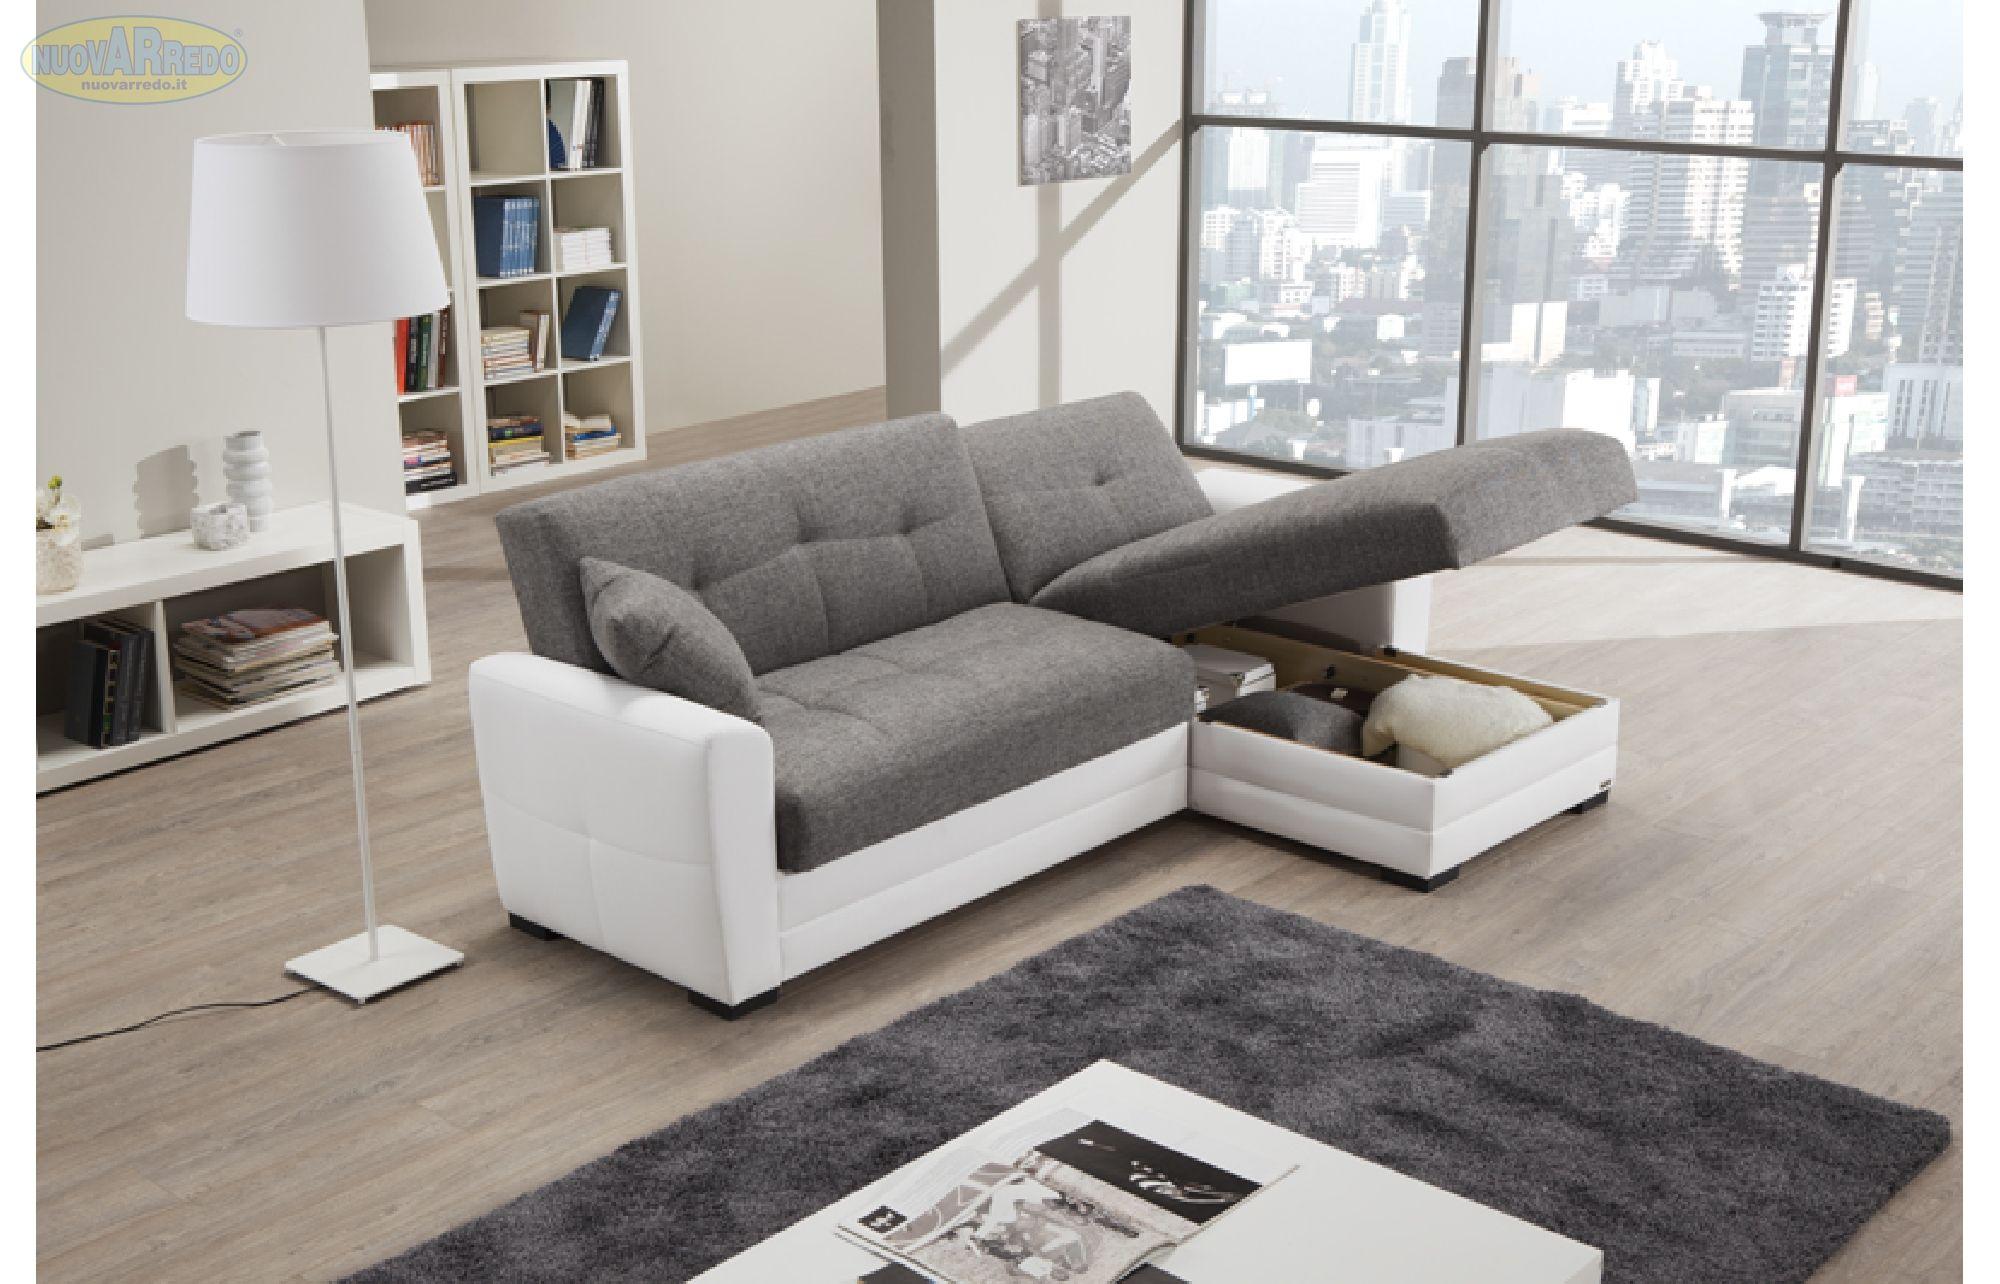 Prezzo 499 divano angolare in ecopelle bianco e tessuto - Divani letto ikea ecopelle ...